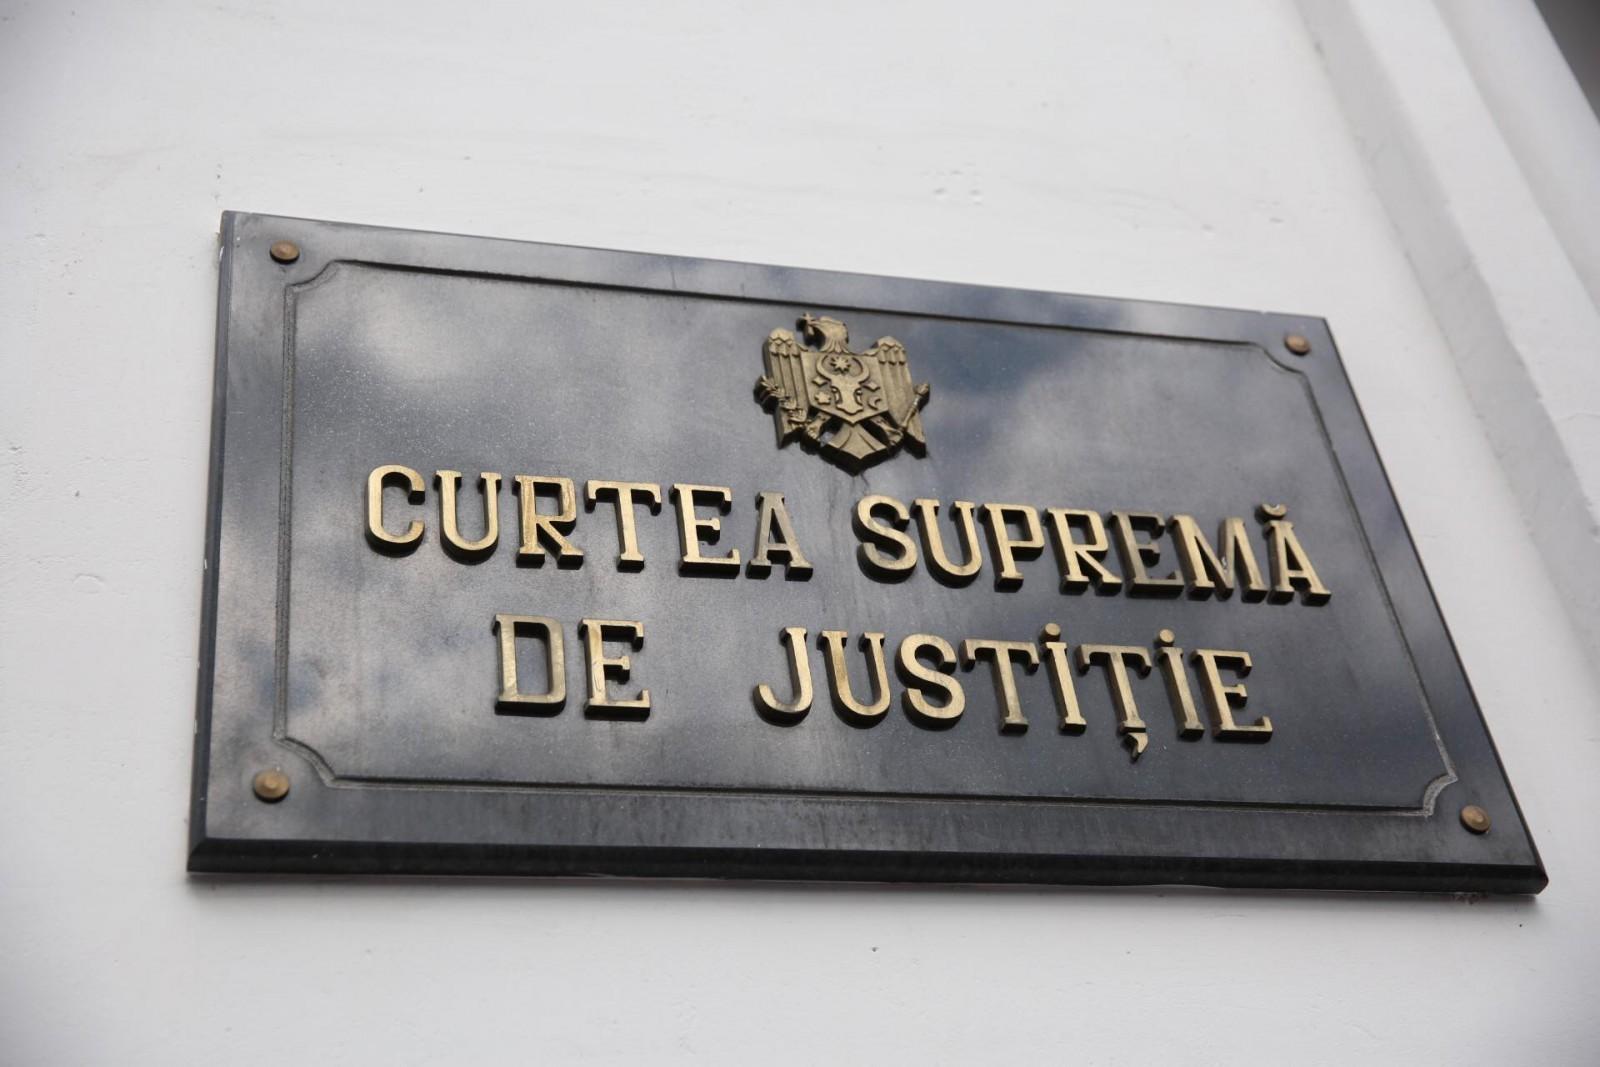 CSM anunță concurs pentru ocuparea unei funcții de judecător la Curtea Supremă de Justiție